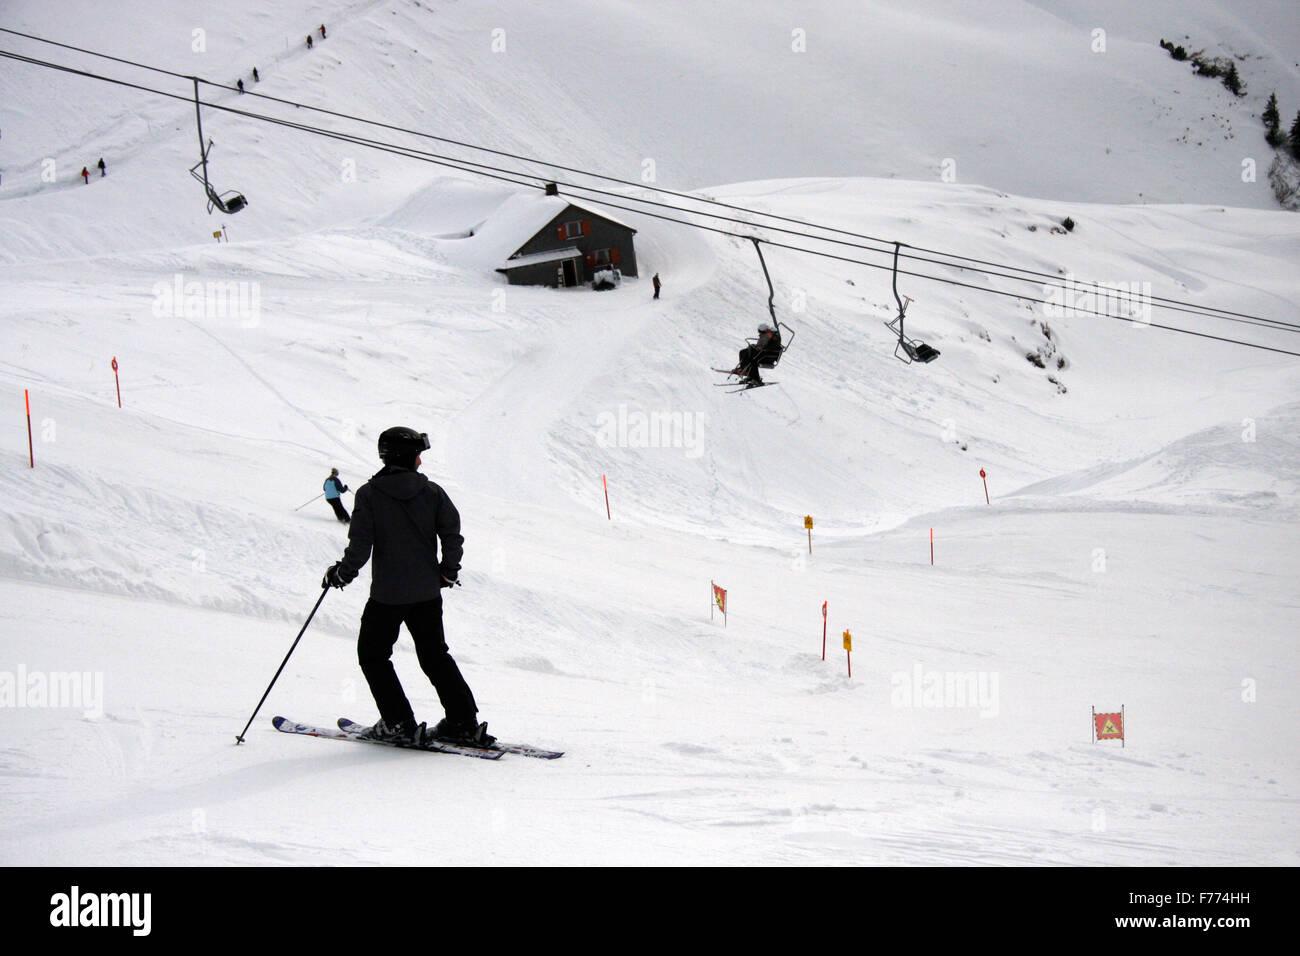 Ski alpin auf dem Nebelhorn, Winterstimmung, Oberstorf, Bayerische Alpen. - Stock Image